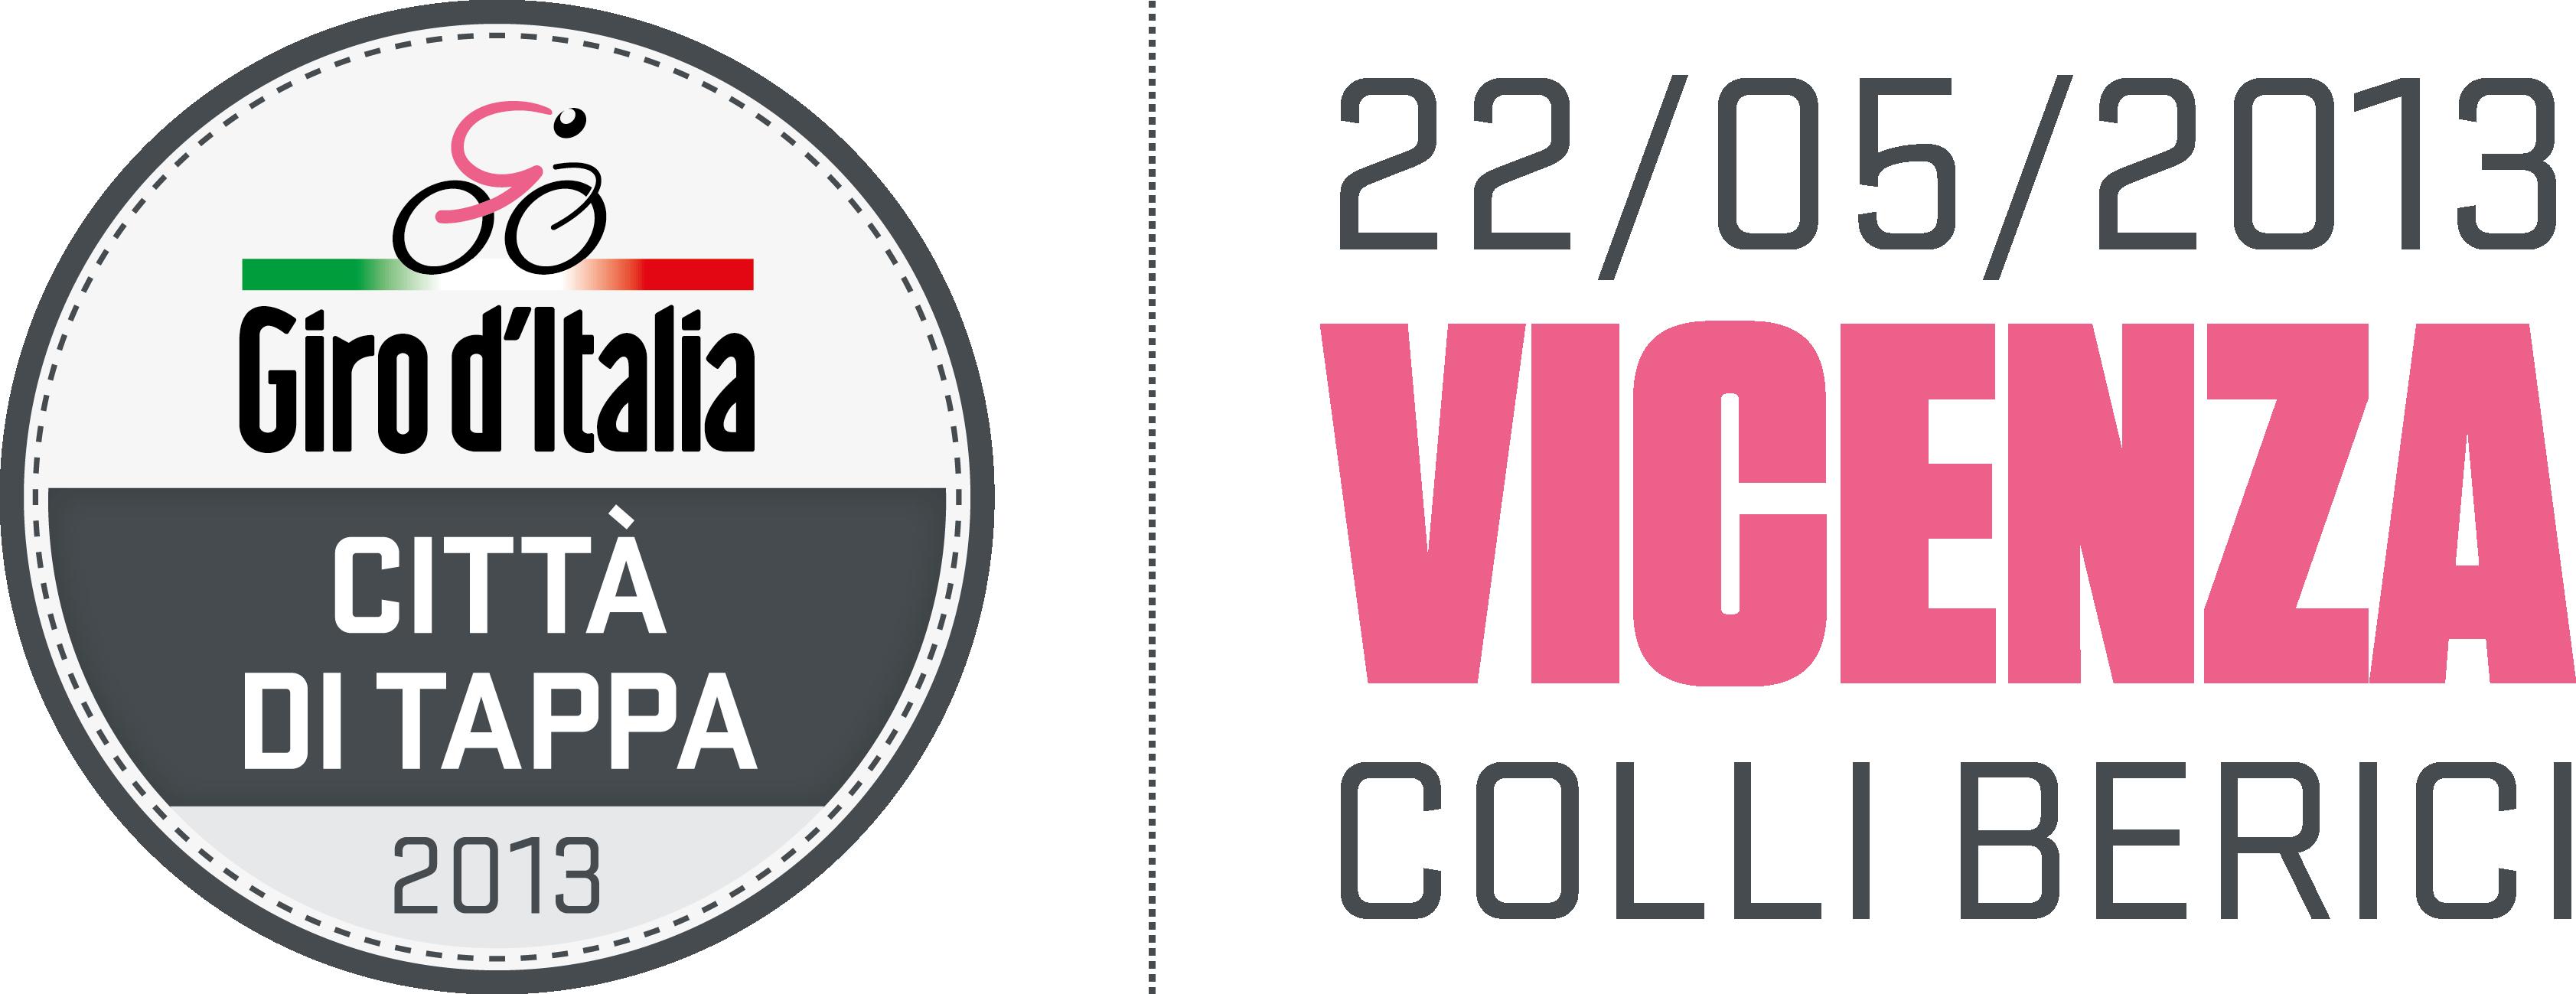 Il Giro d'Italia fa tappa a Vicenza